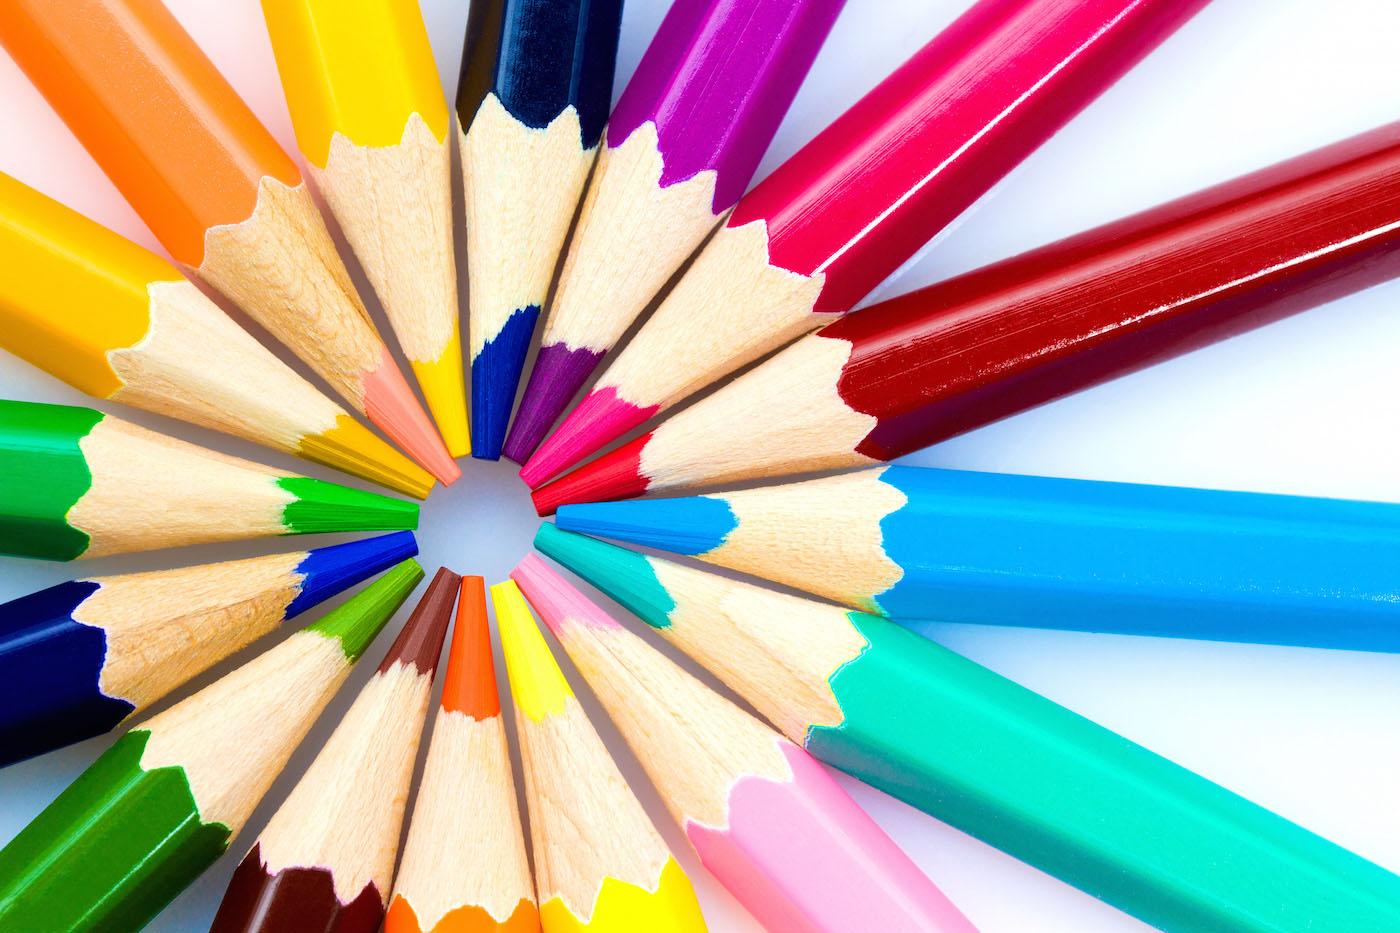 ارتباط شخصیت شما با رنگ مورد علاقه شما